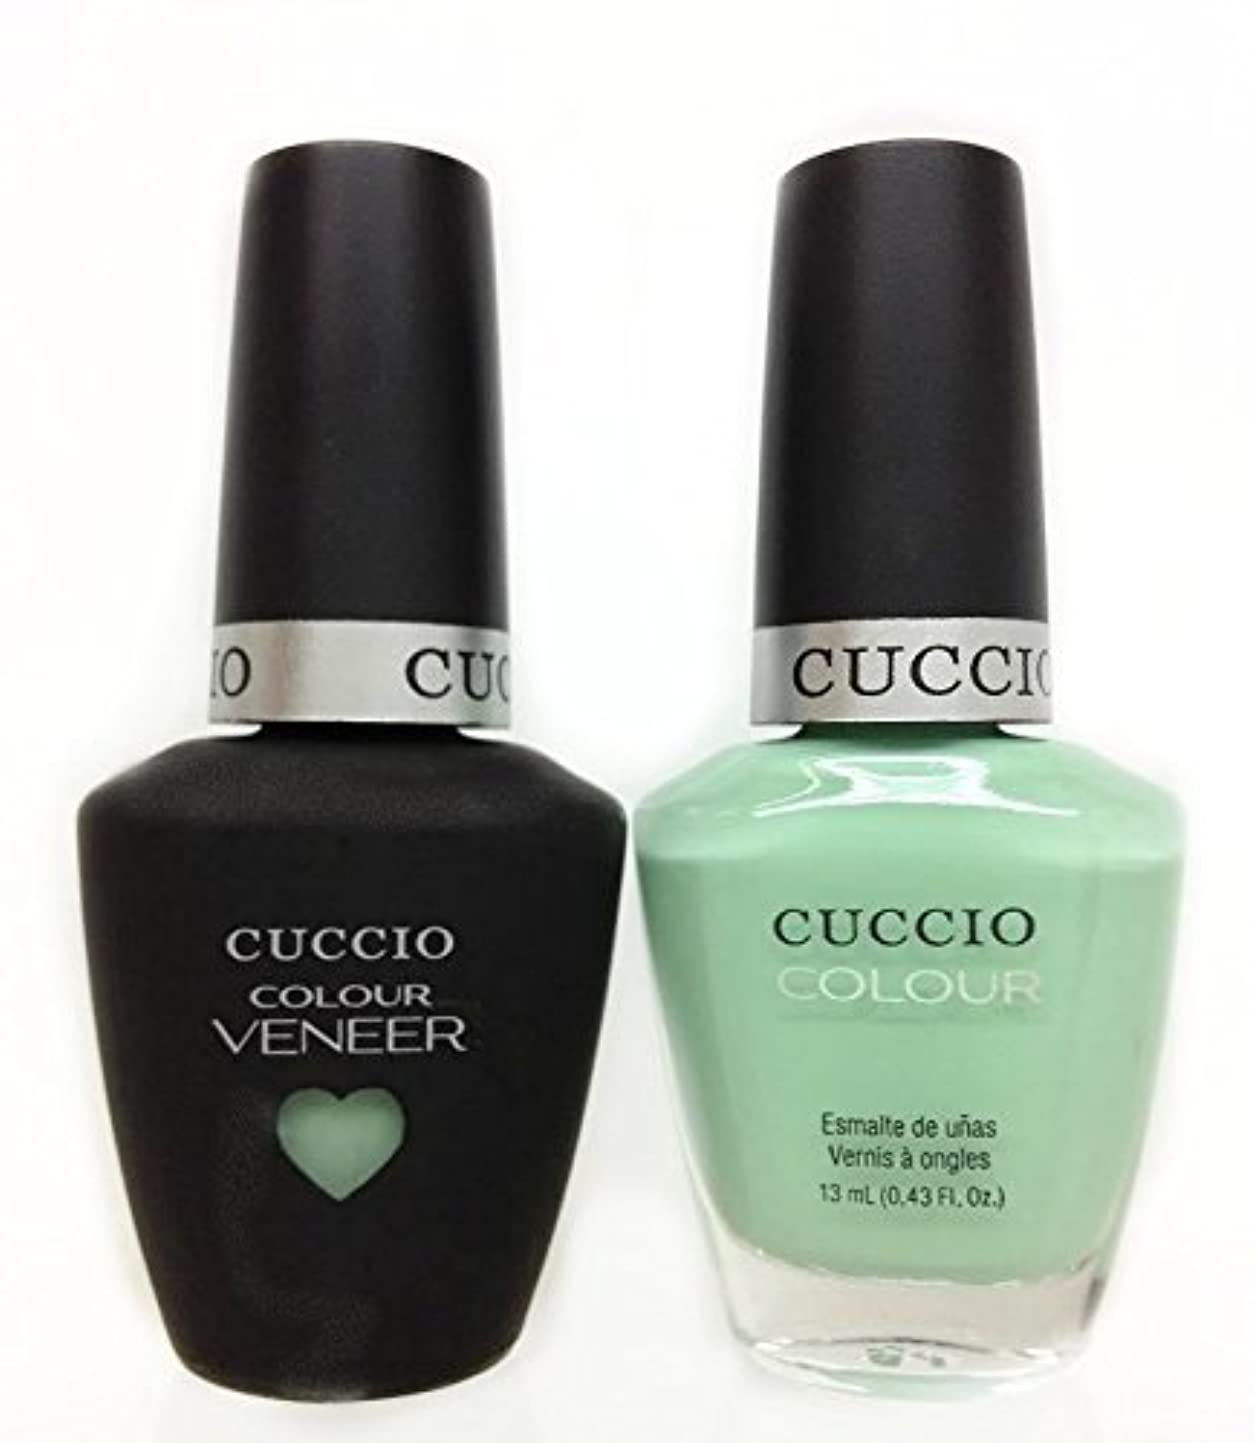 証人アルコール陪審Cuccio MatchMakers Veneer & Lacquer - Mint Condition - 0.43oz / 13ml Each